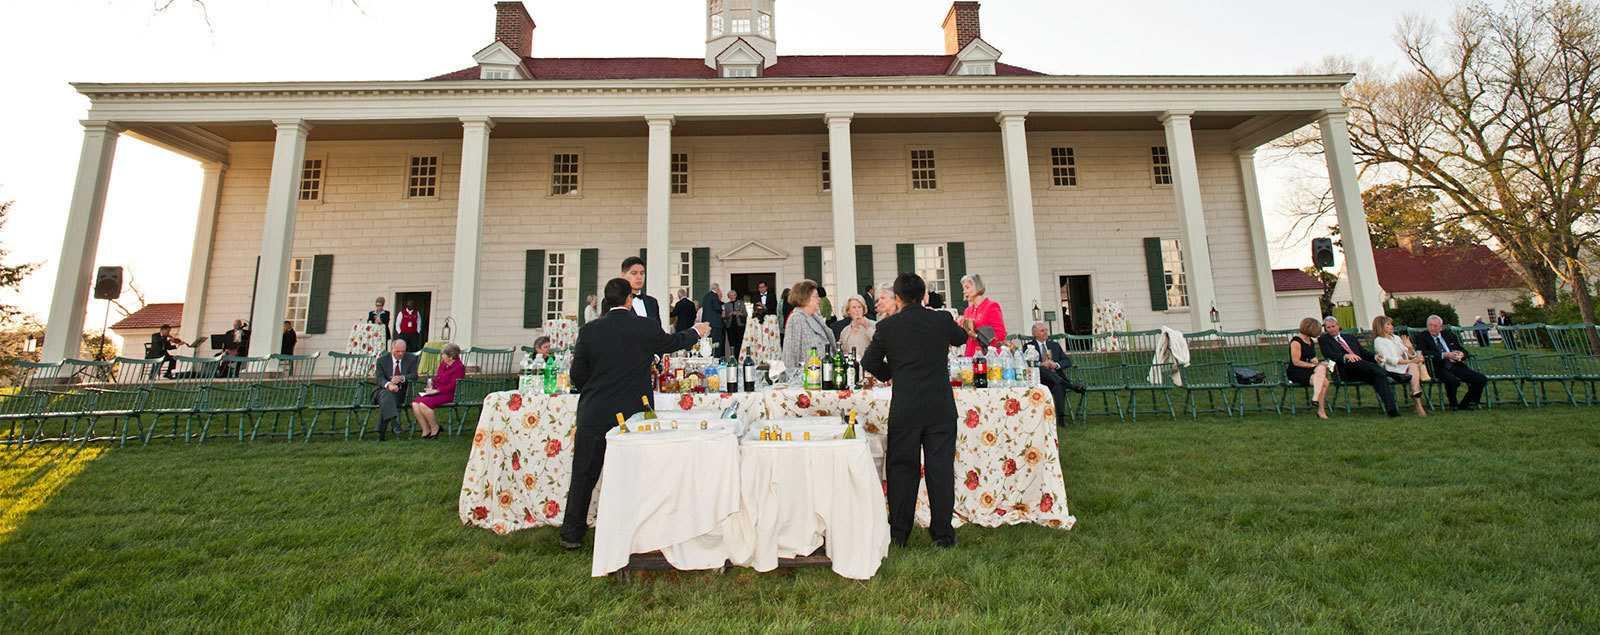 Virginia Meetings Facilities Services Fairfax County Va Wedding Reception Venues